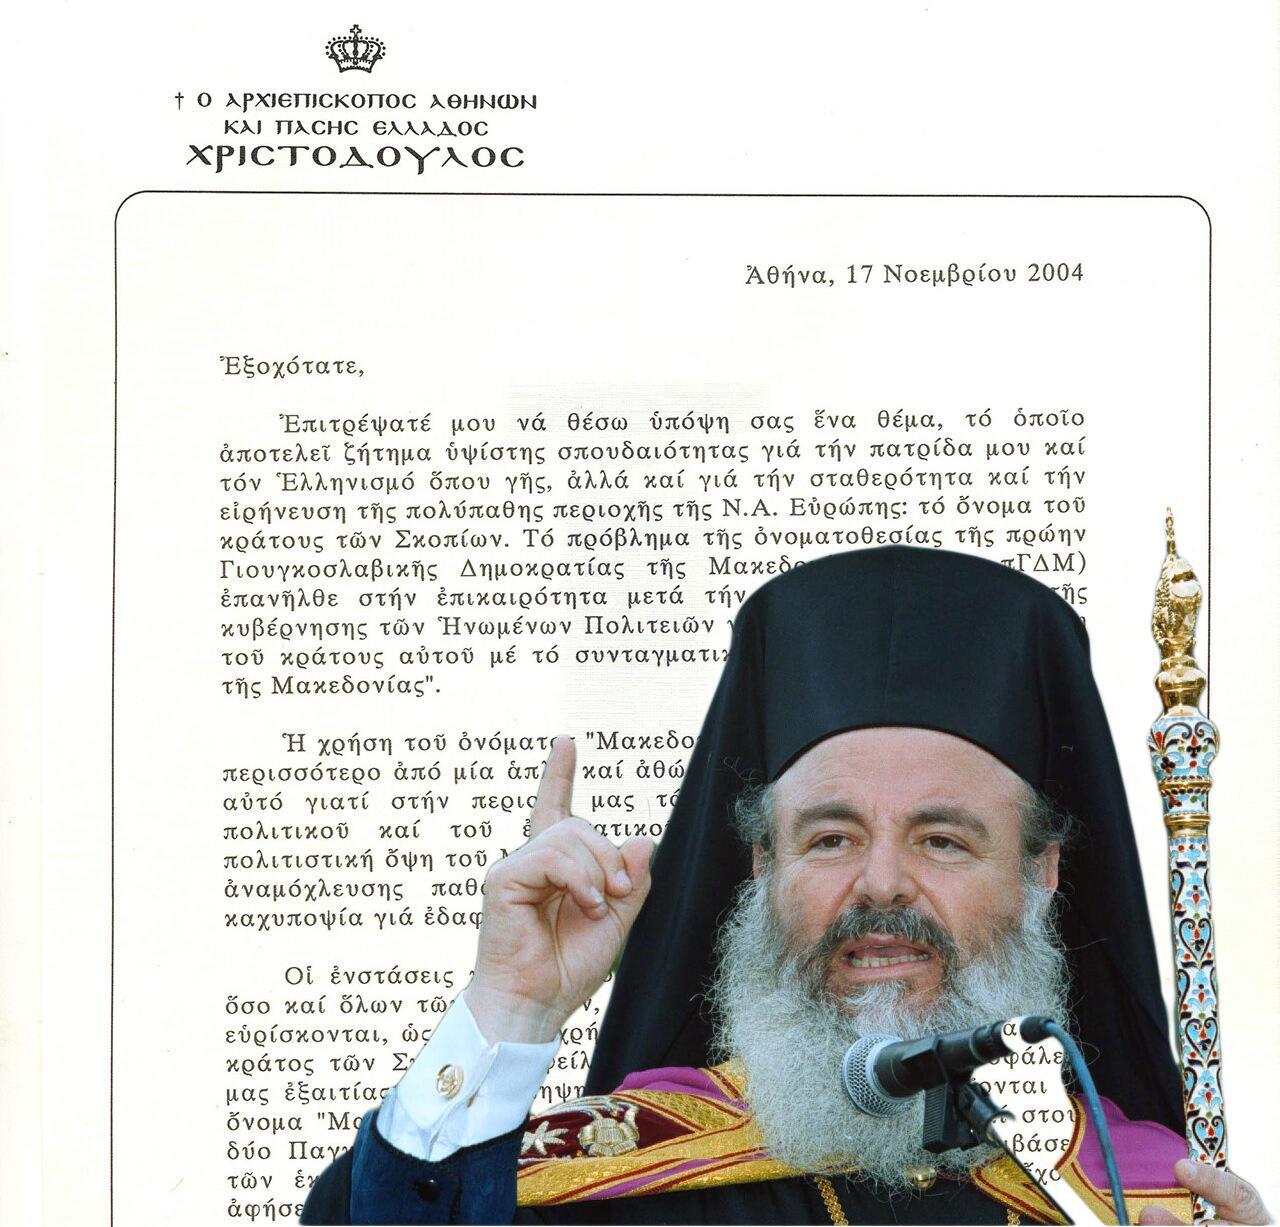 Επιστολή Χριστόδουλου μακεδονικό